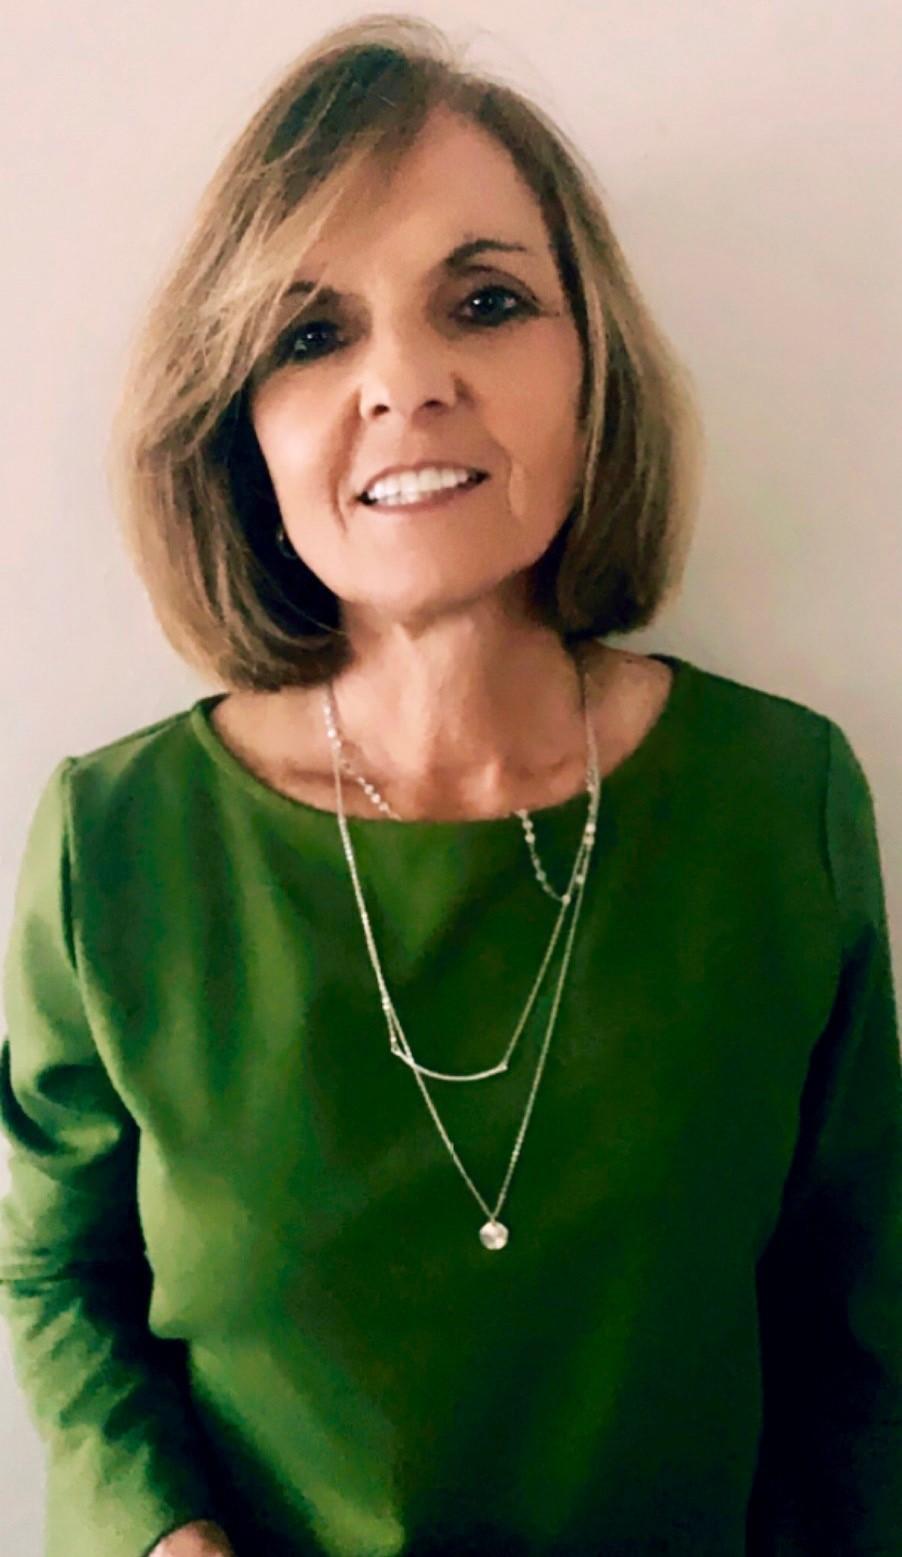 JANET DAIGLE